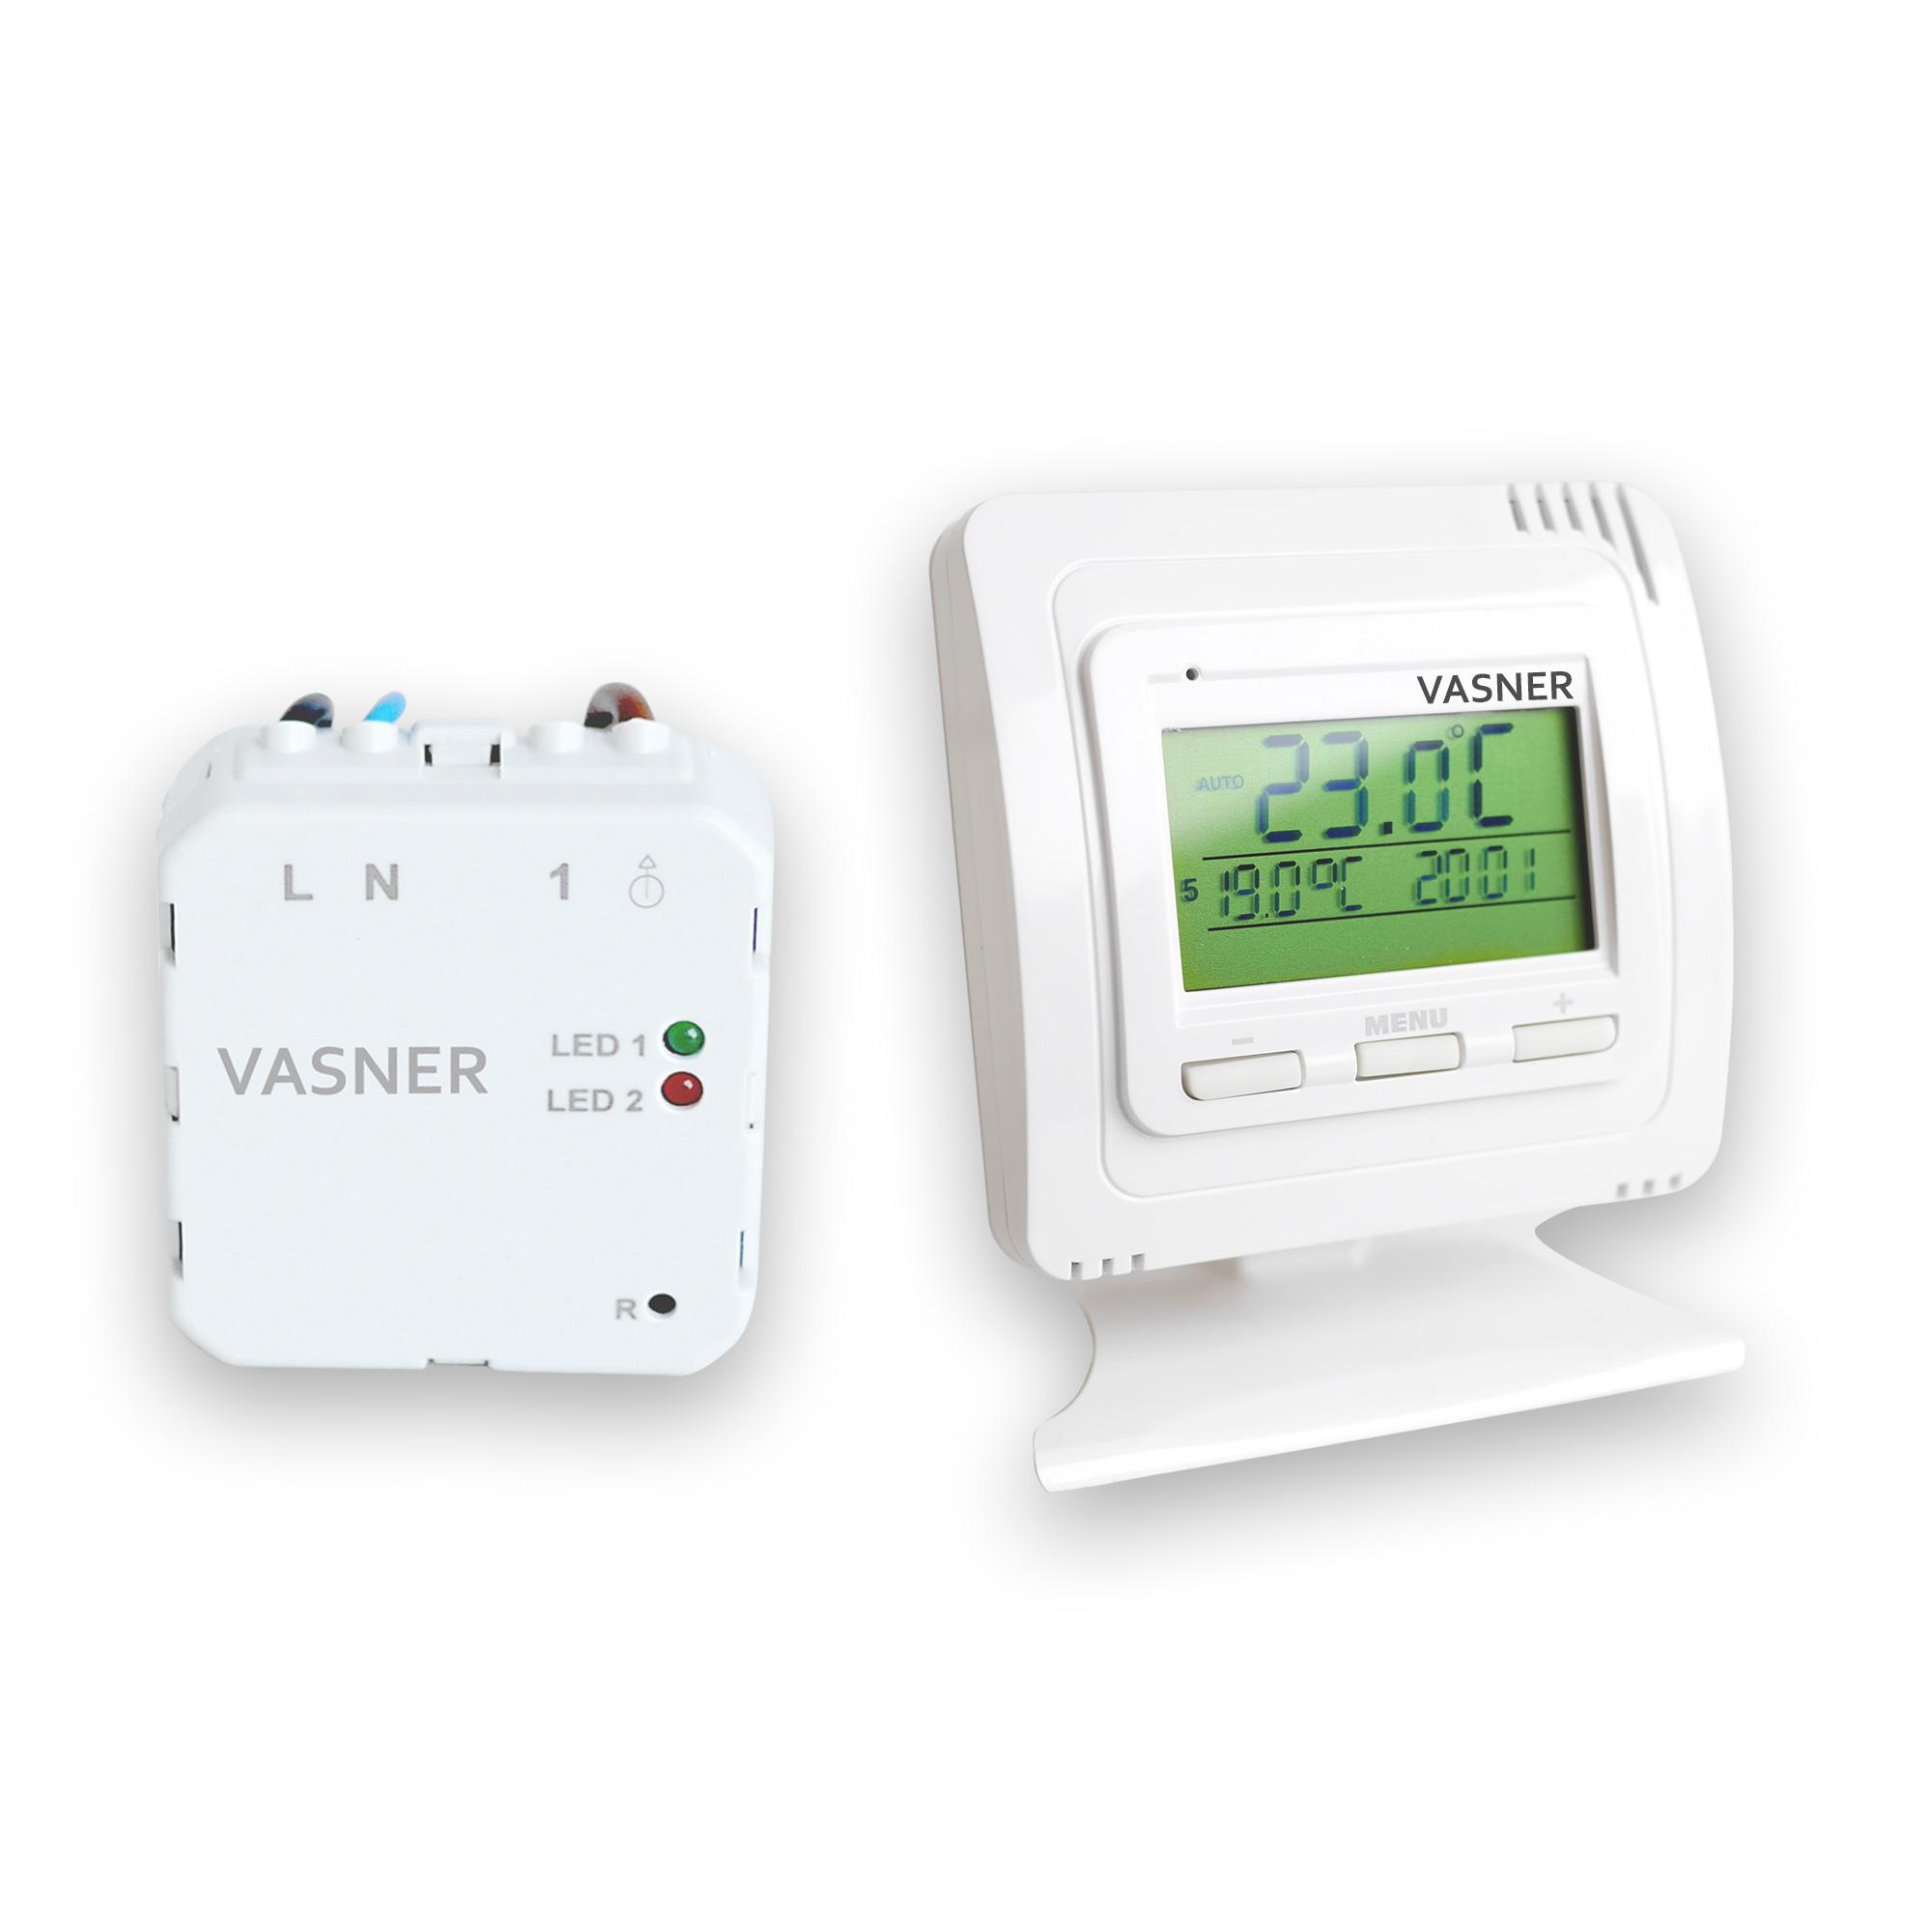 Programmierbares Thermostat für Minihaus Heizung